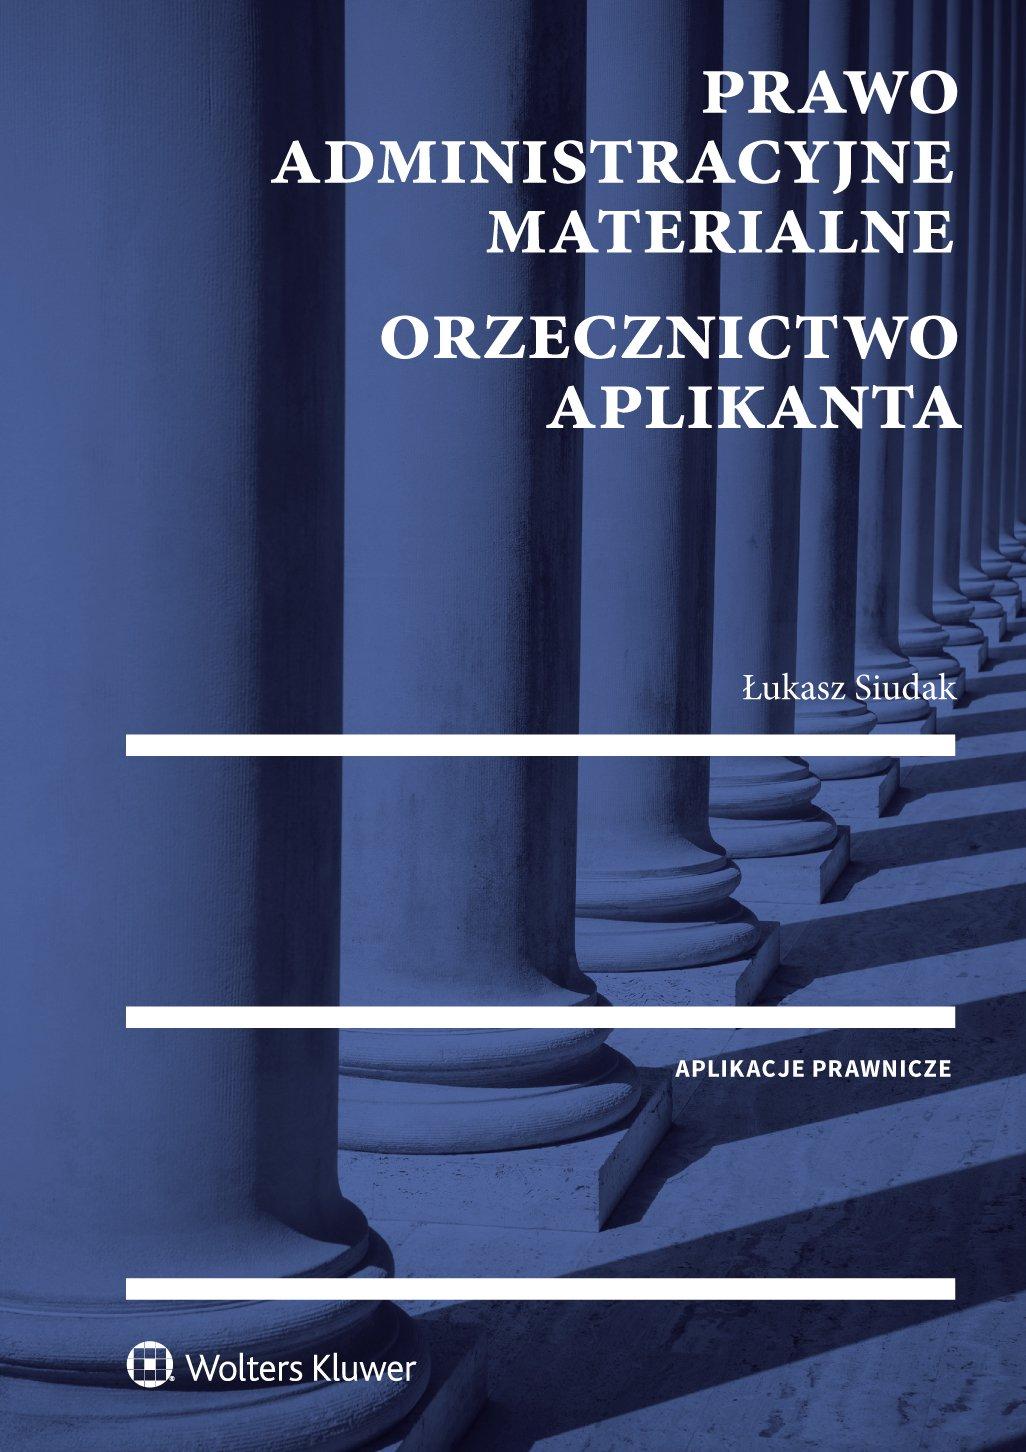 Prawo administracyjne materialne. Orzecznictwo aplikanta - Ebook (Książka PDF) do pobrania w formacie PDF